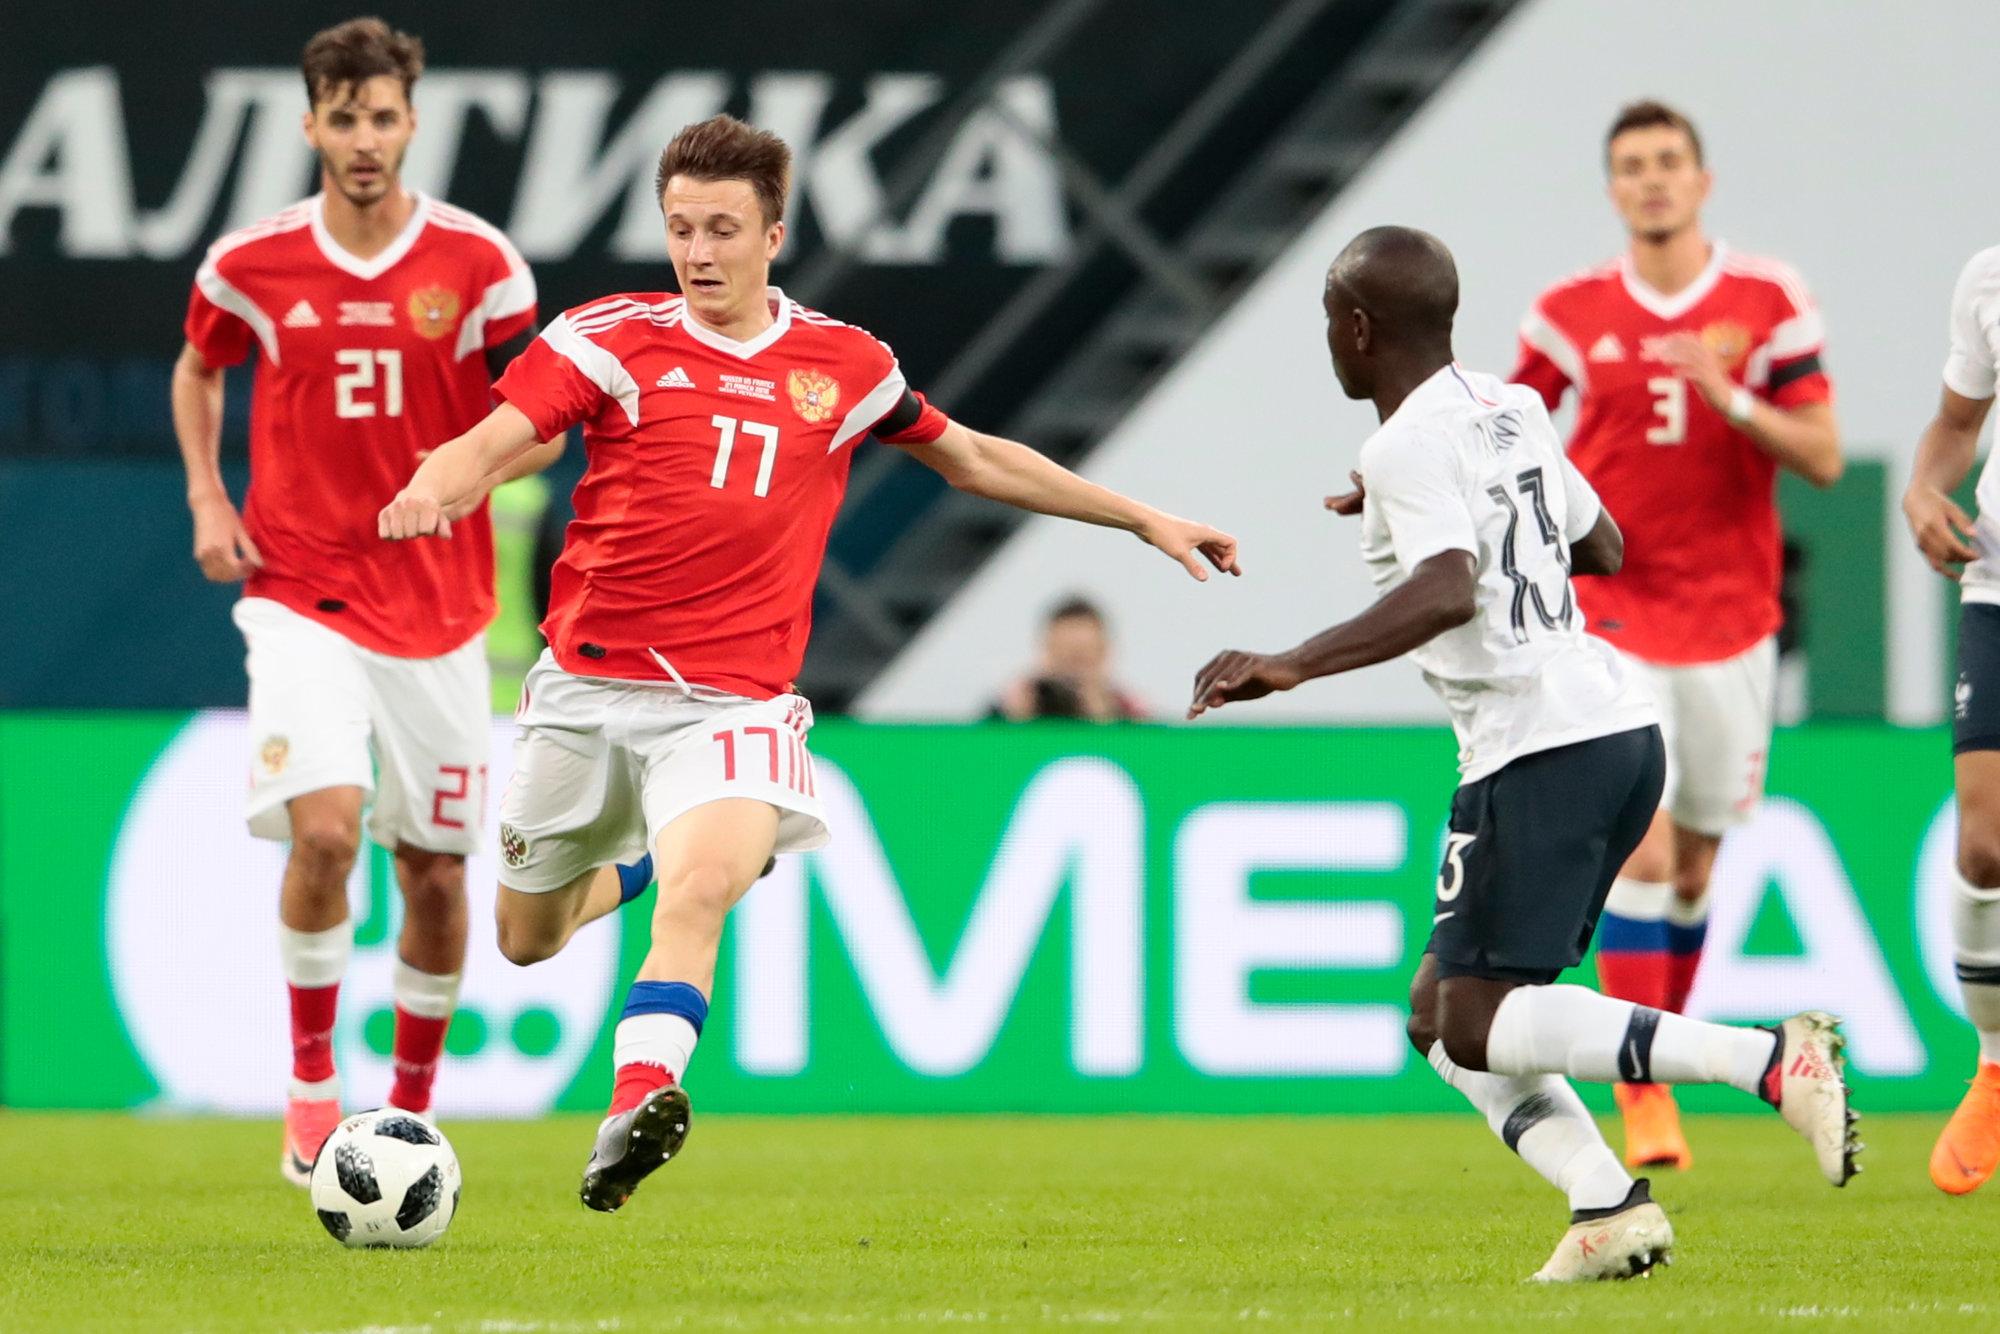 Картинки по запросу фото футбол сборная России в атаке